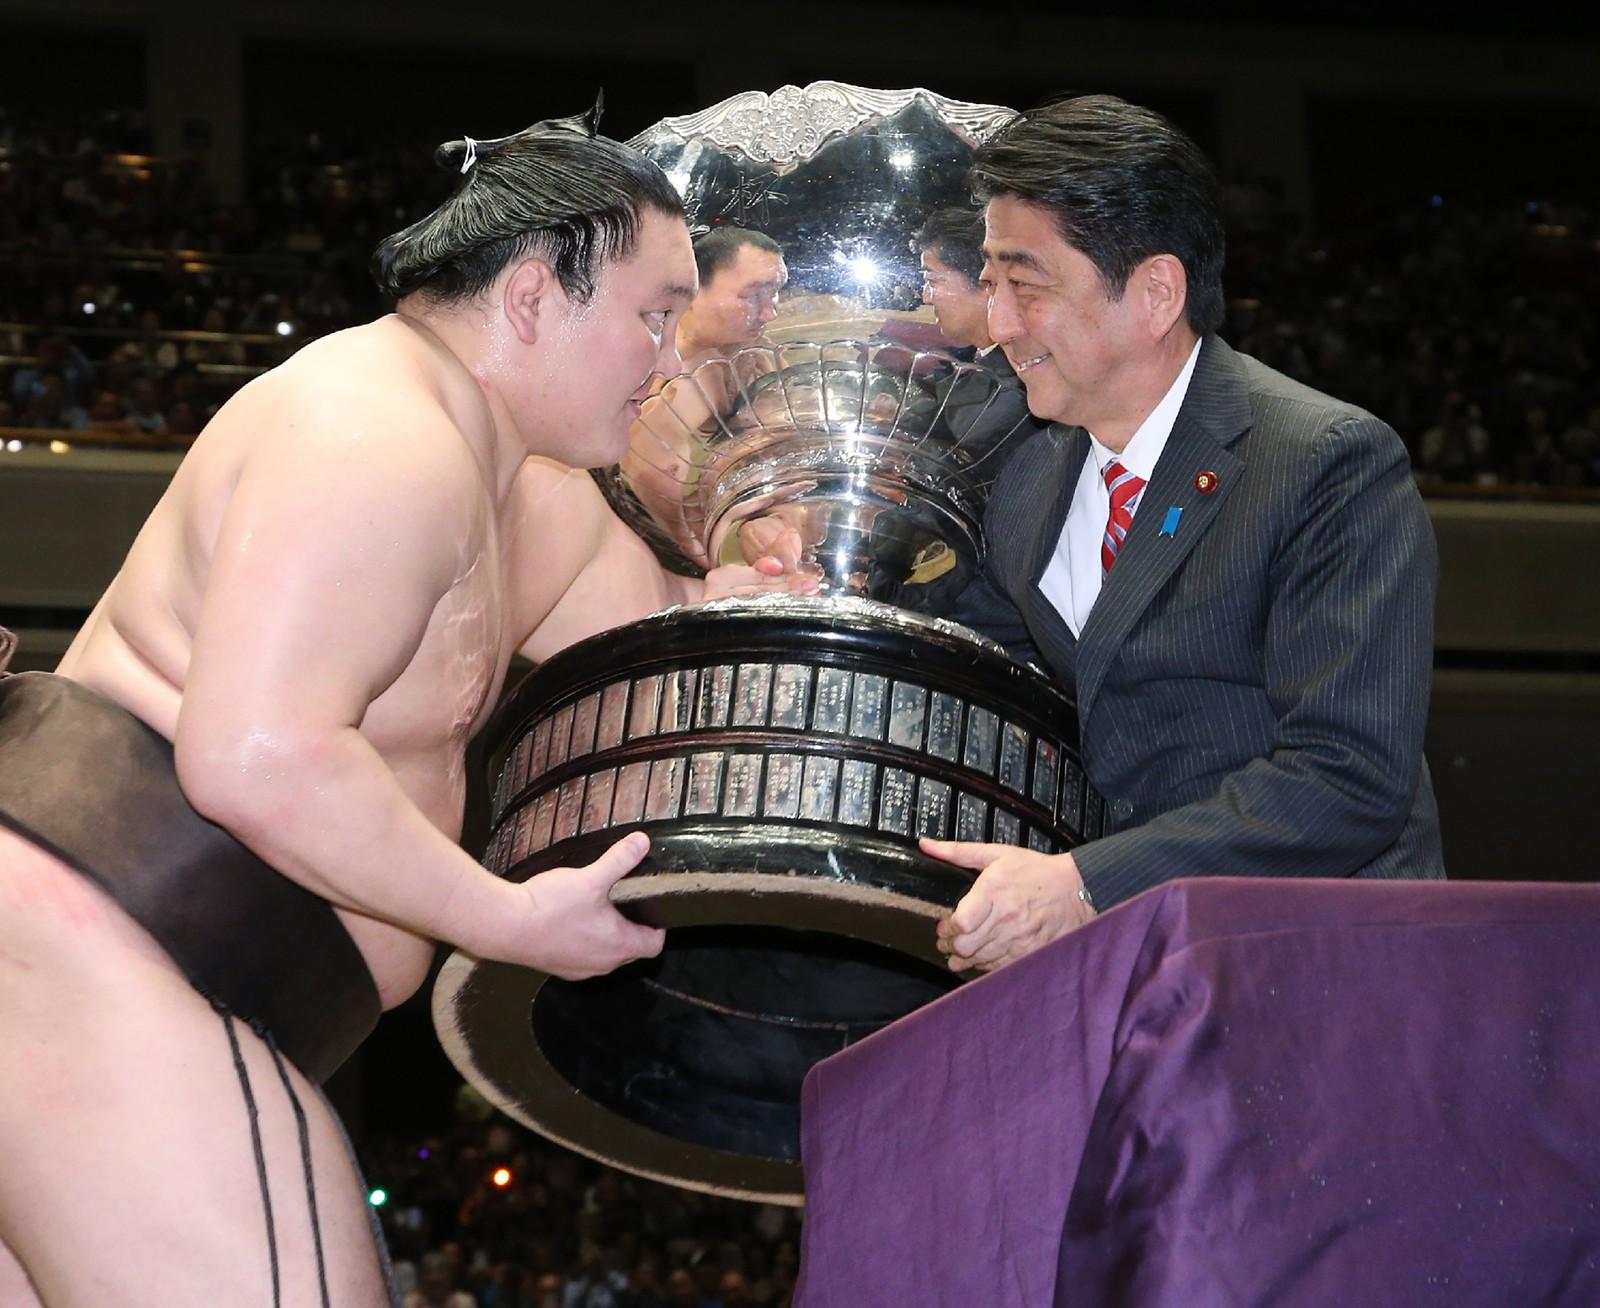 Sumobryter Hakuho (t.v.) mottok vinnertroféet av den japanske statsministeren Shinzo Abe denne uka etter å ha vunnet Grand Sumo-turneringen.